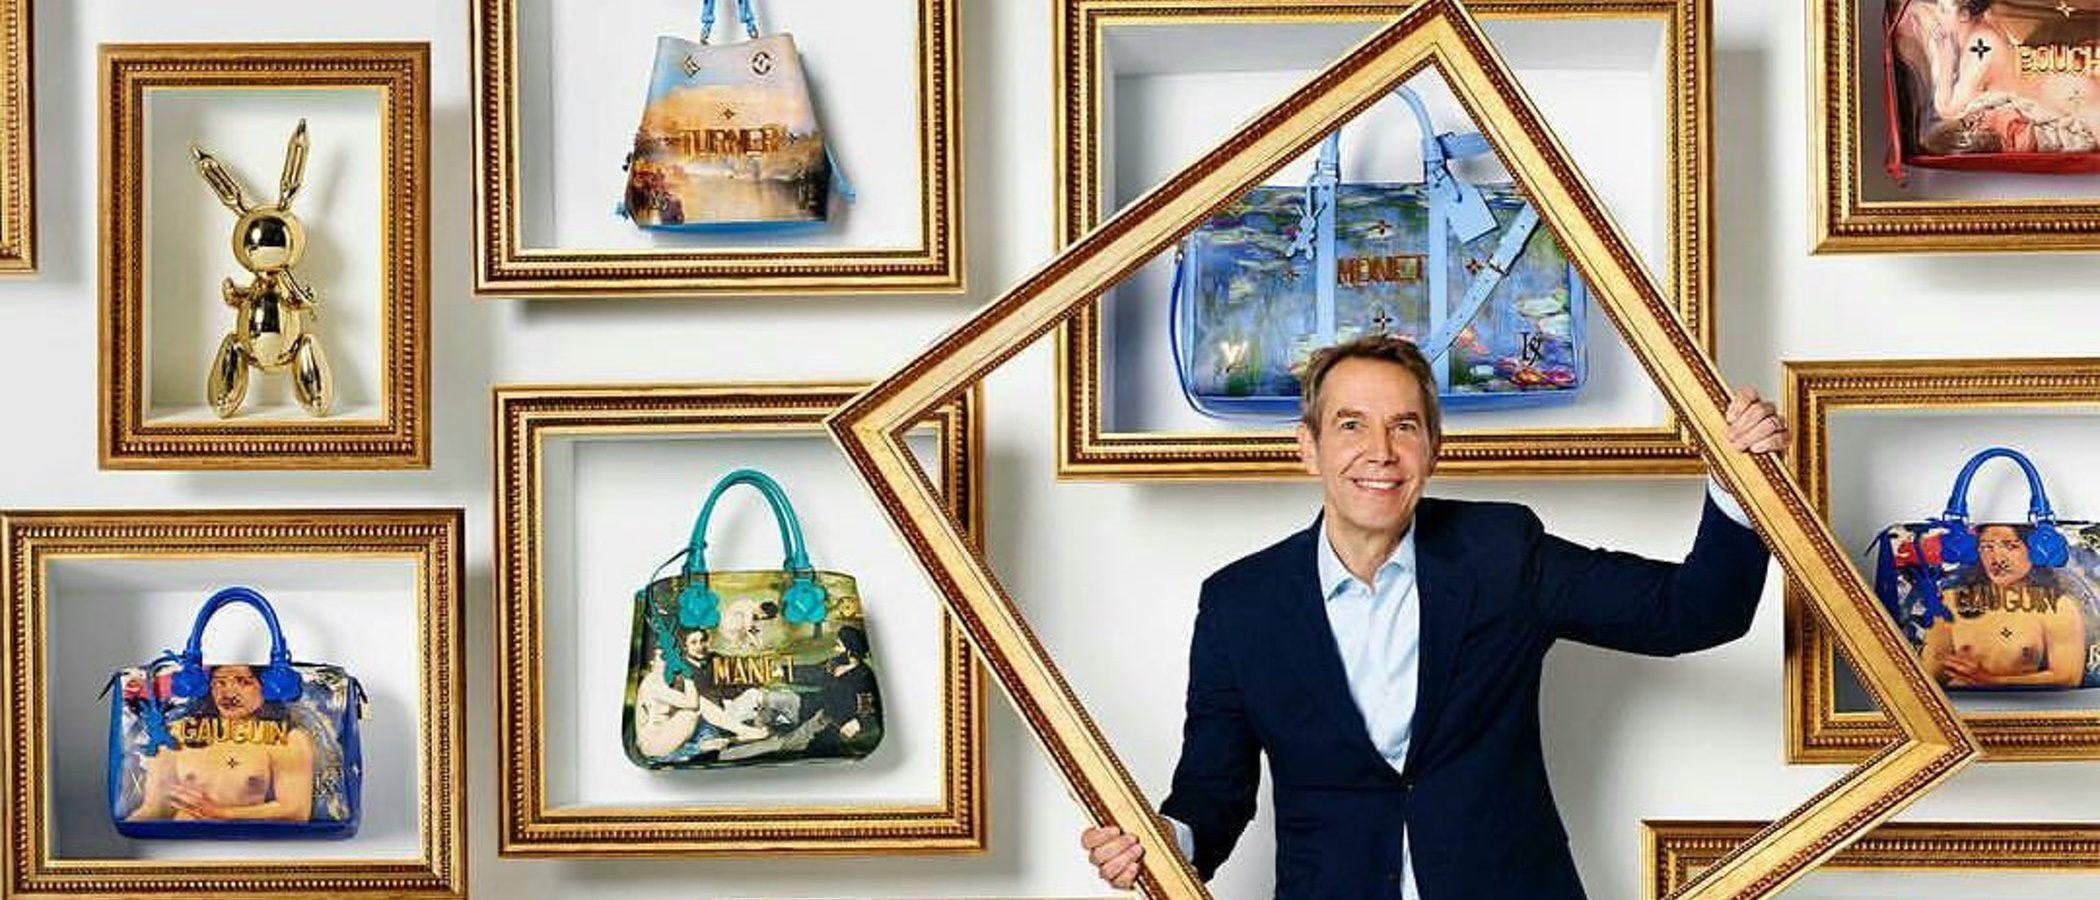 Moda y arte se funden de la mano de Louis Vuitton y Jeff Koons